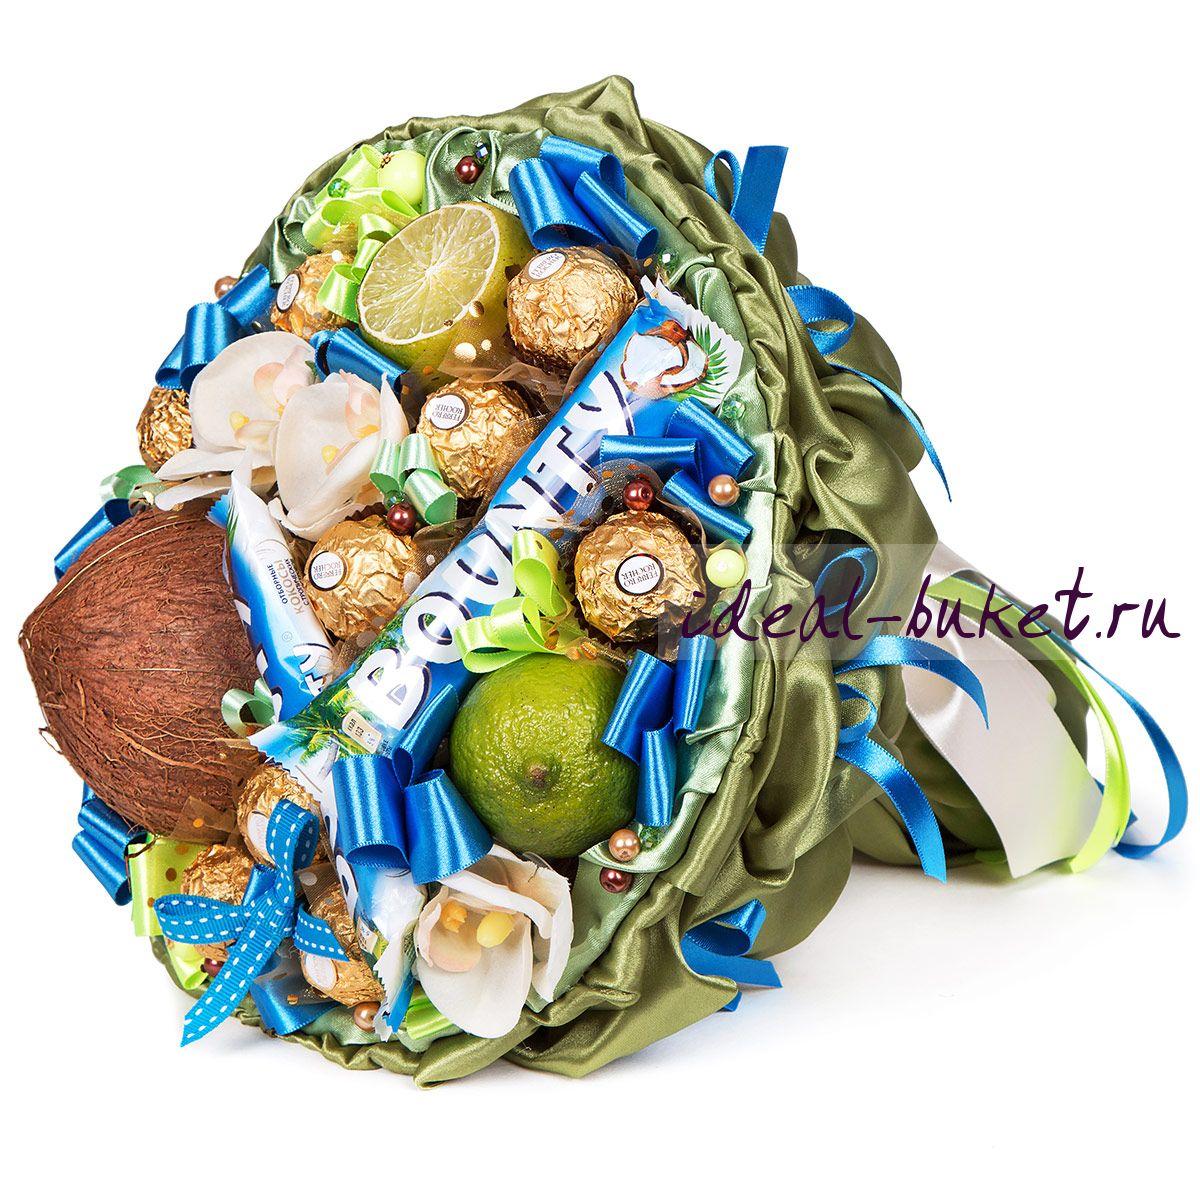 Подарок из конфет и фруктов